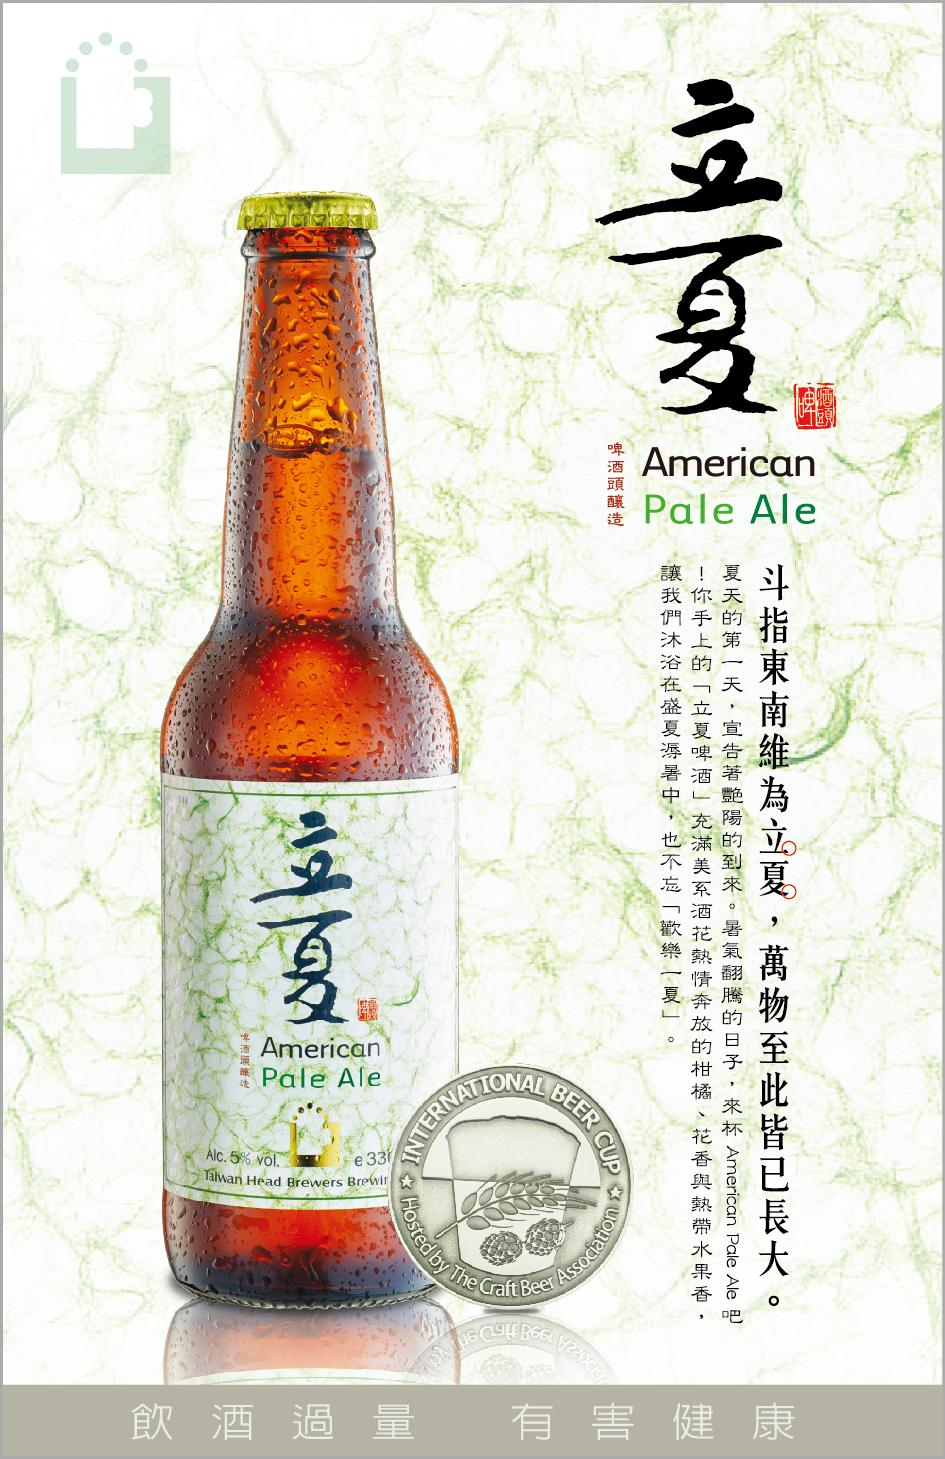 臺灣精釀啤酒-24節氣系列